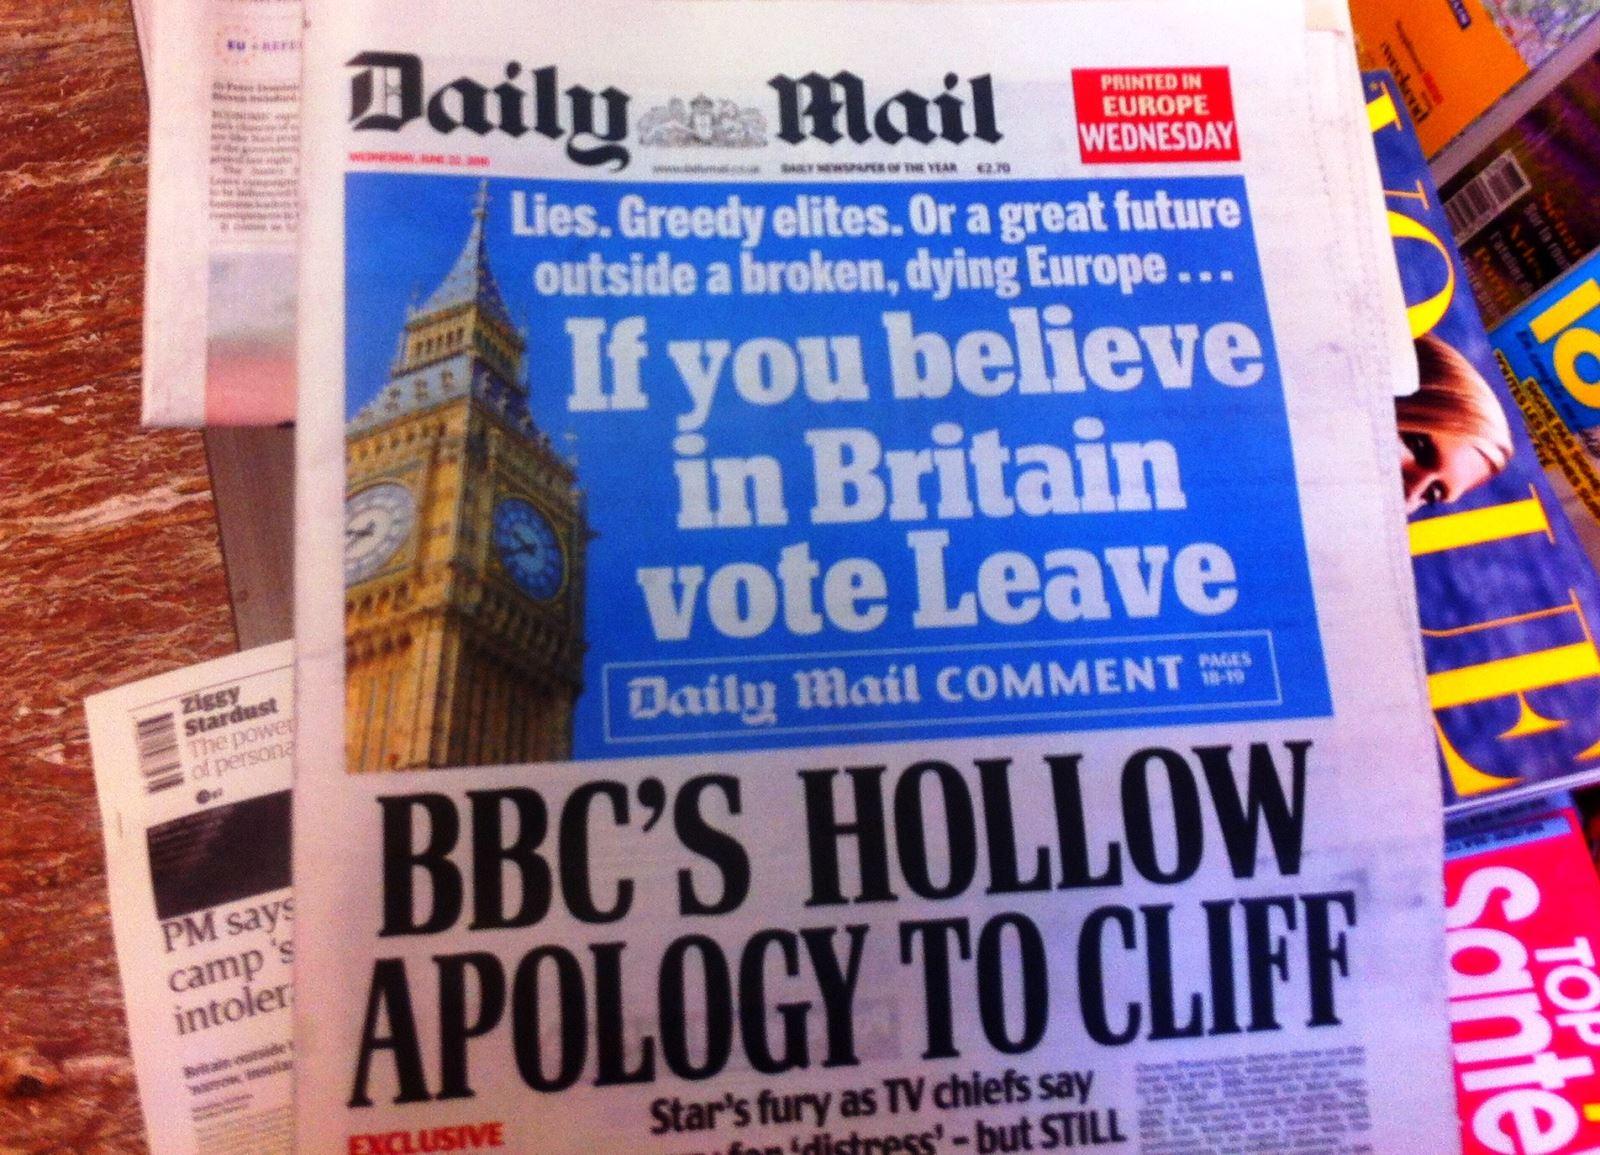 الدايلي ميل لطالما عُرفت بتحمّسها لخروج بريطانيا من الاتحاد الأوروبي